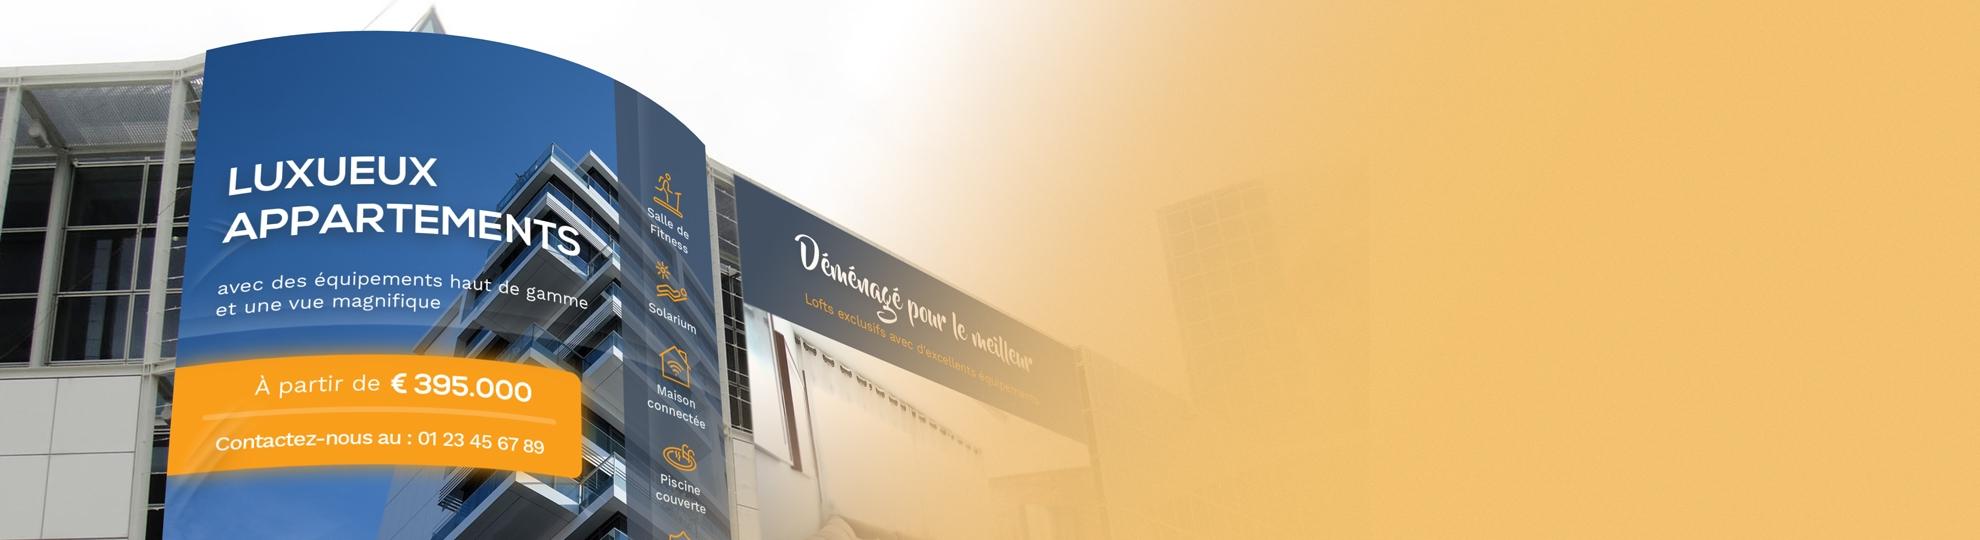 Imprimer bâche publicitaire façade et mur